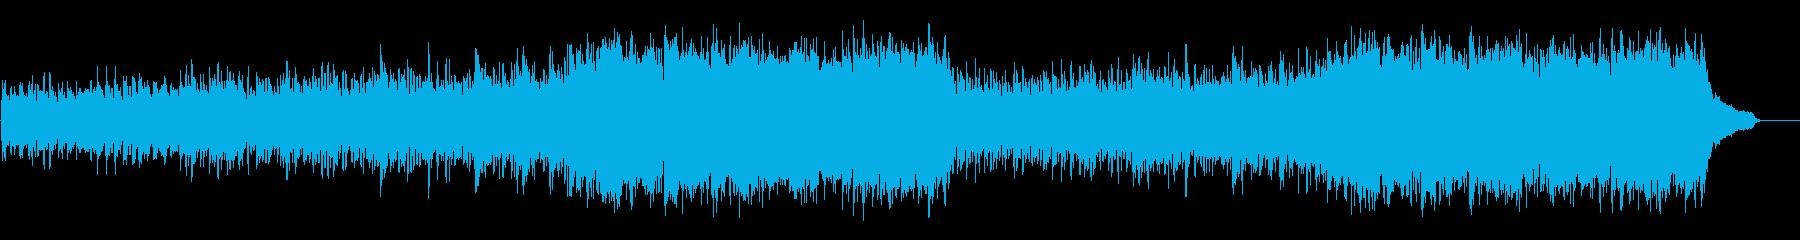 企業VP映像、171オーケストラ、爽快Lの再生済みの波形